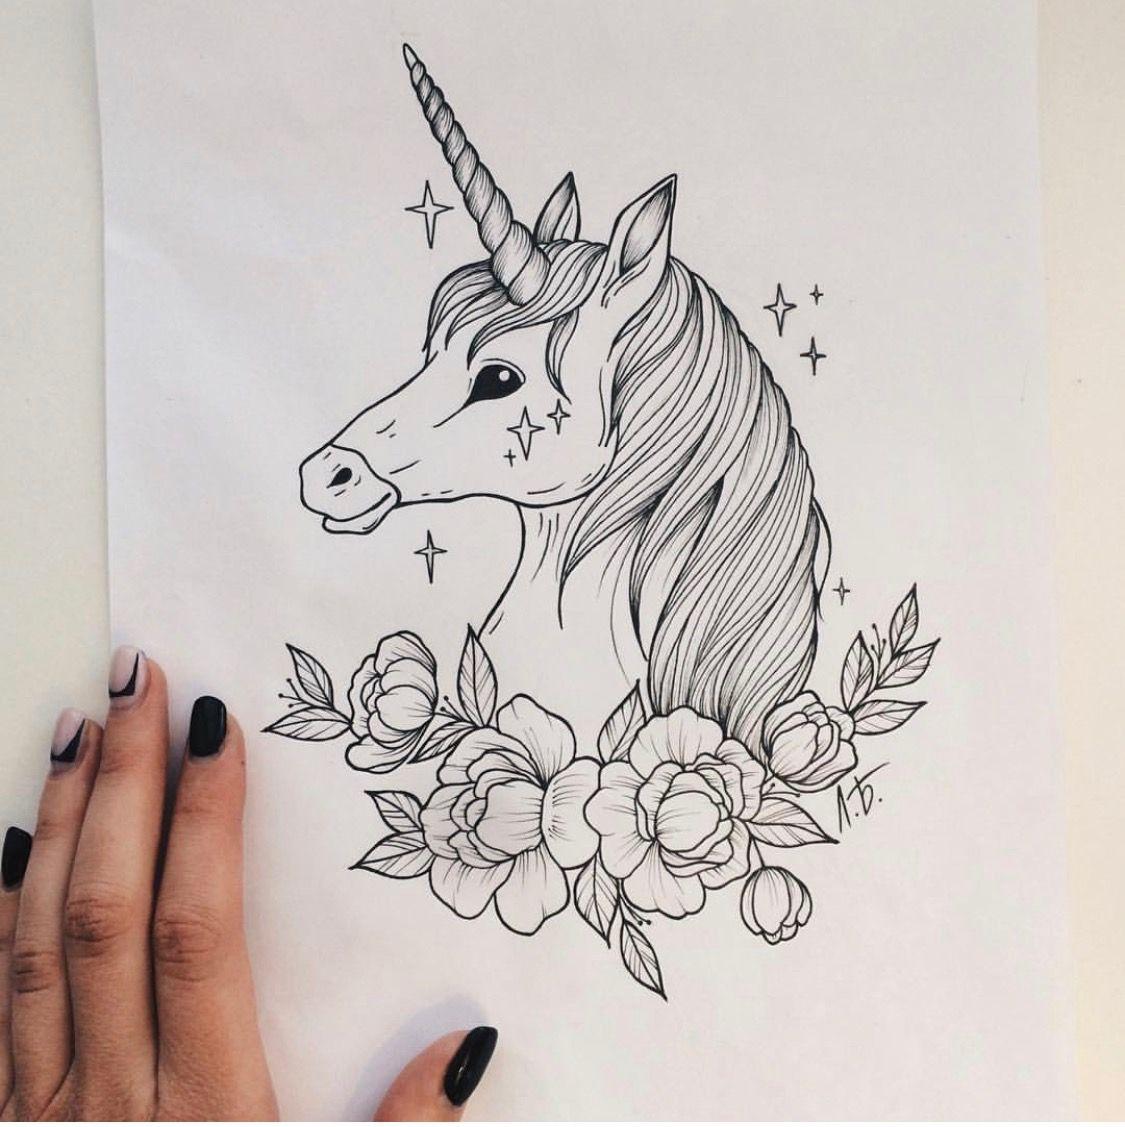 Pin De Claudia Membreño En Ideas Tattoos: Pin De Claudia Membreño En Ideas Tattoos En 2019